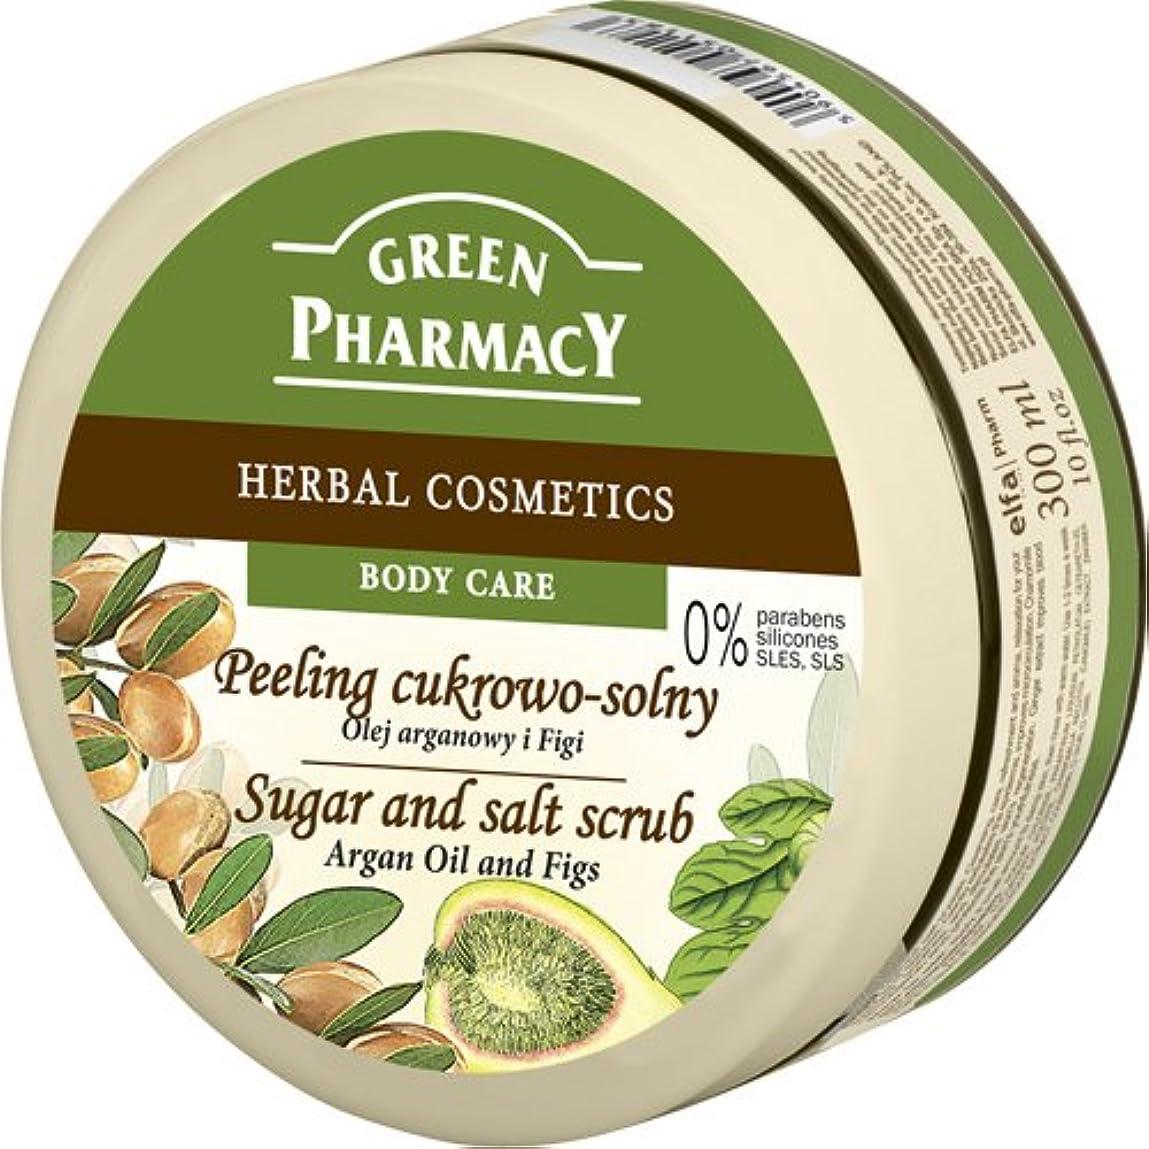 囚人刻む曖昧なElfa Pharm Green Pharmacy シュガー&ソルトスクラブ Argan Oil and Figs